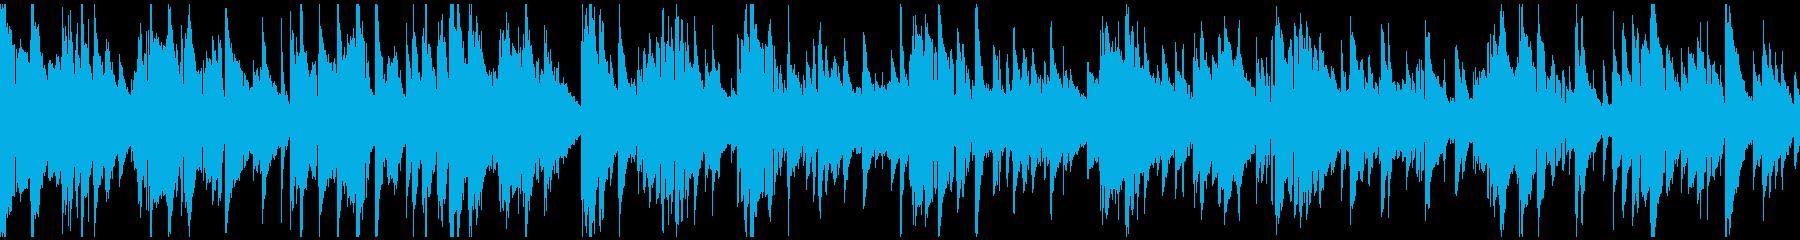 セクシーでエロい音色のサックス※ループ版の再生済みの波形